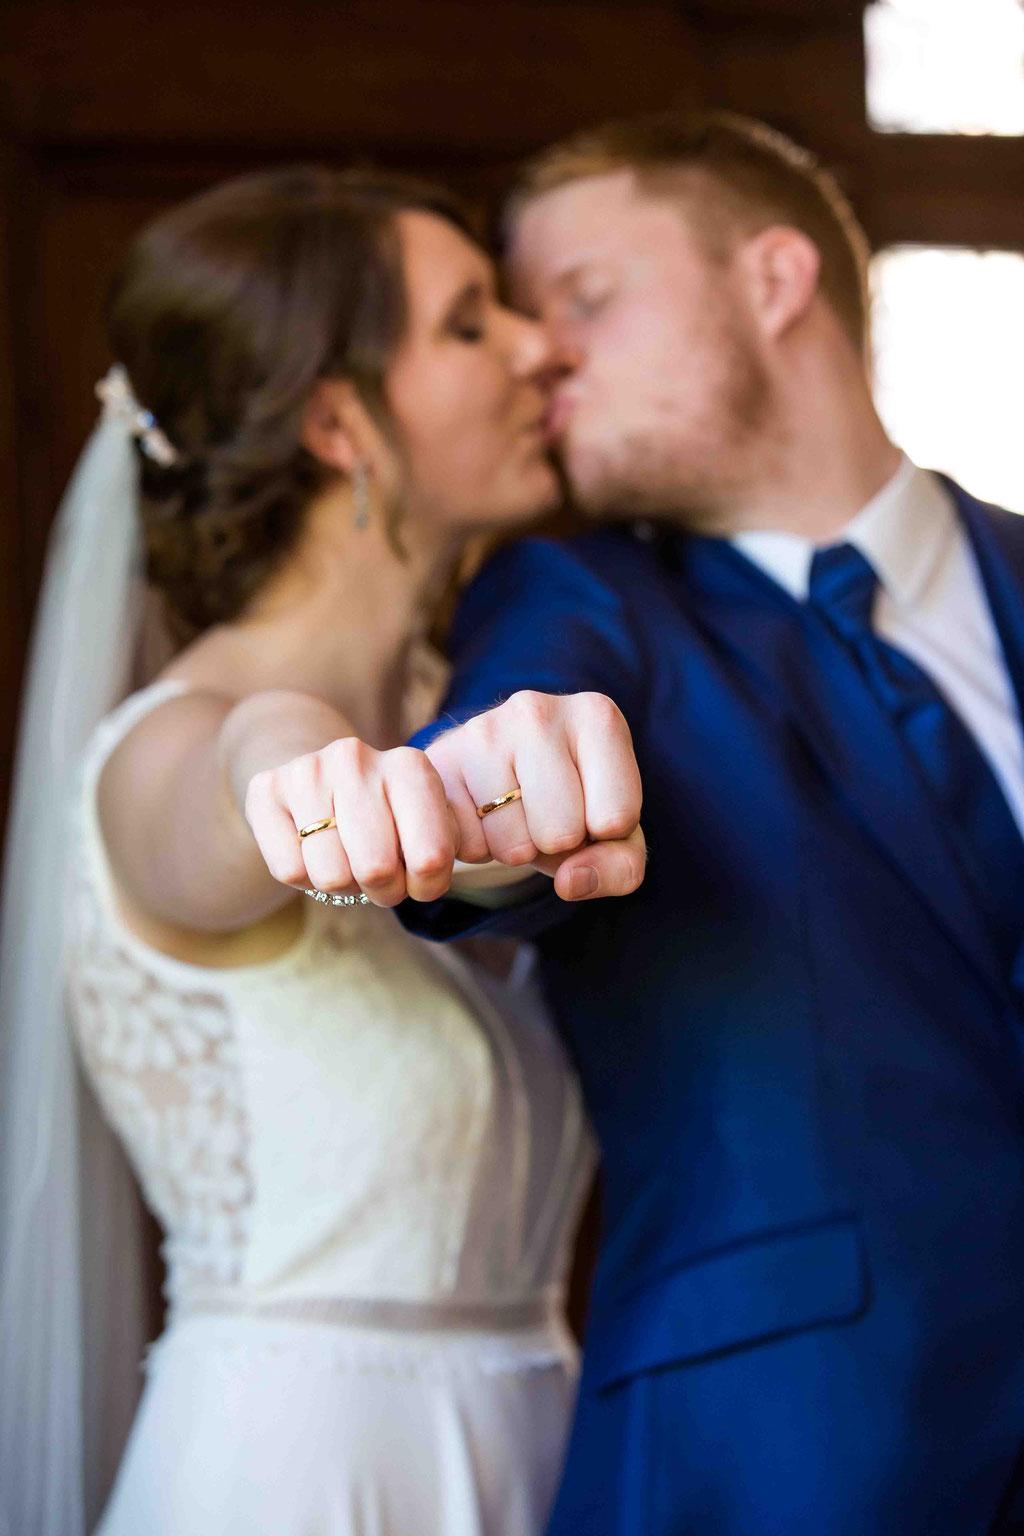 Hochzeitsfotograf, Hochzeitsreportage, Hochzeitslocation Schloss Schönborn Rheingau, Winkeler Str. 64, 65366 Geisenheim, Liebe beim Ehepaar, Hochzeitspaar liebend, hochzeitspaar küssend, küssendes Paar